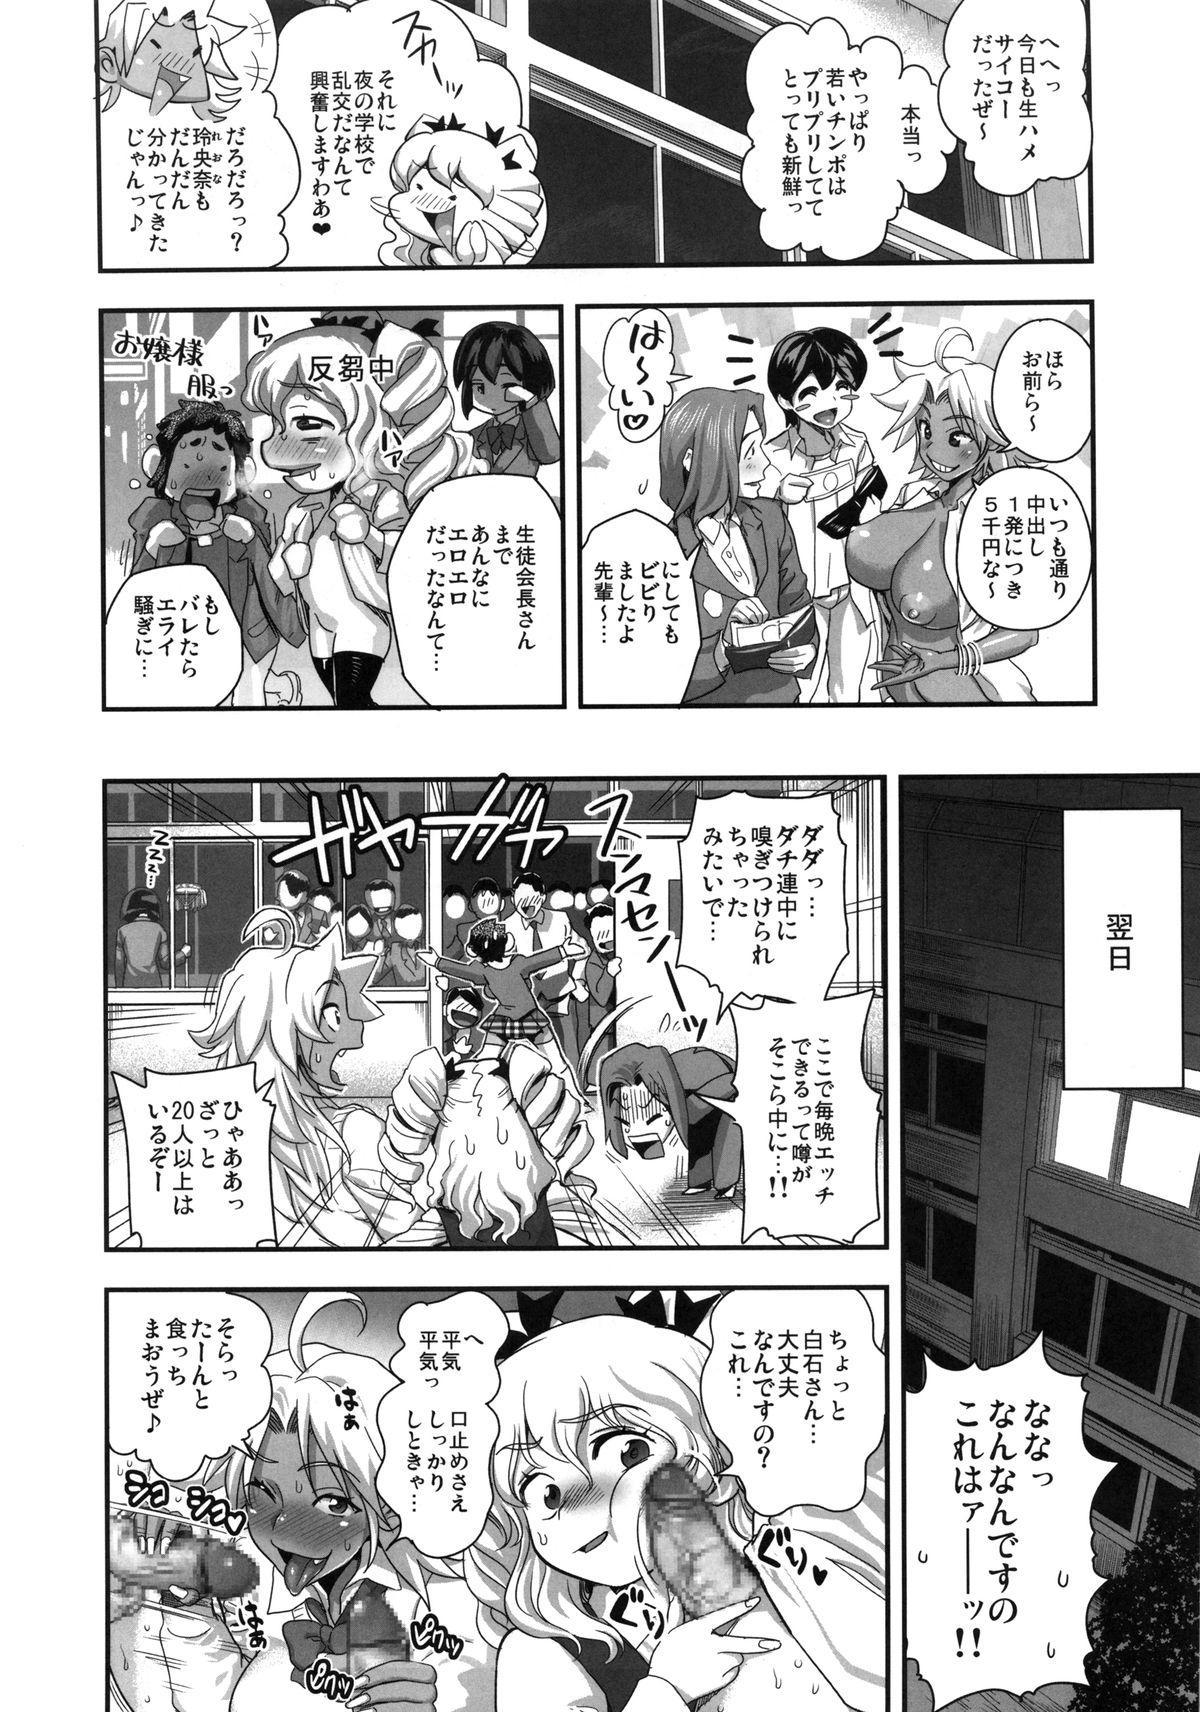 Energy Kyo-ka!! Soushuuhen 2 Manguri Hen 4